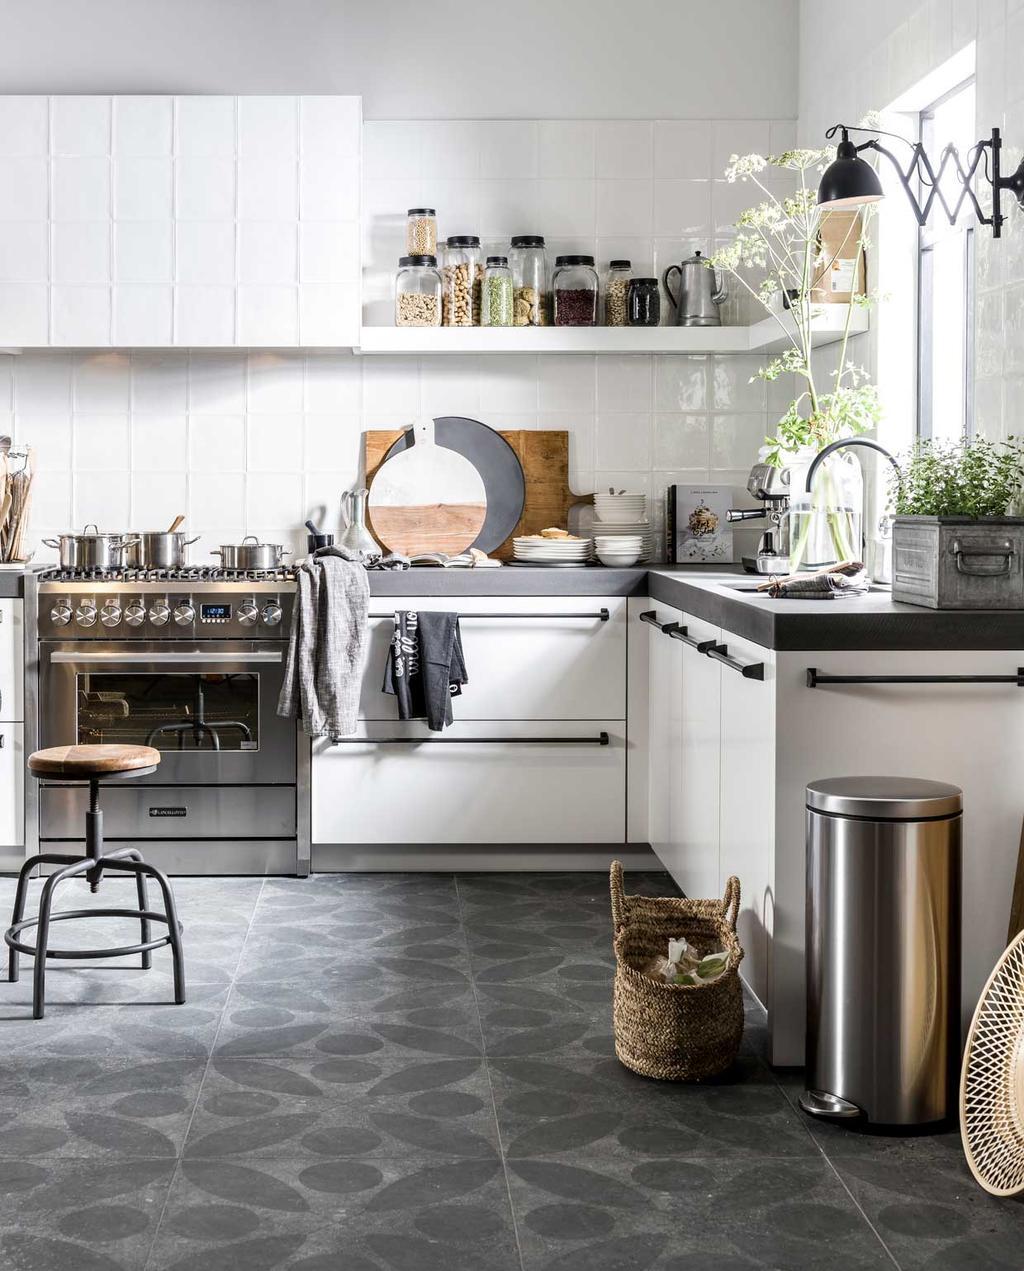 keuken | woonkeuken | schoonmaken | afval scheiden | witten hoekkeuken